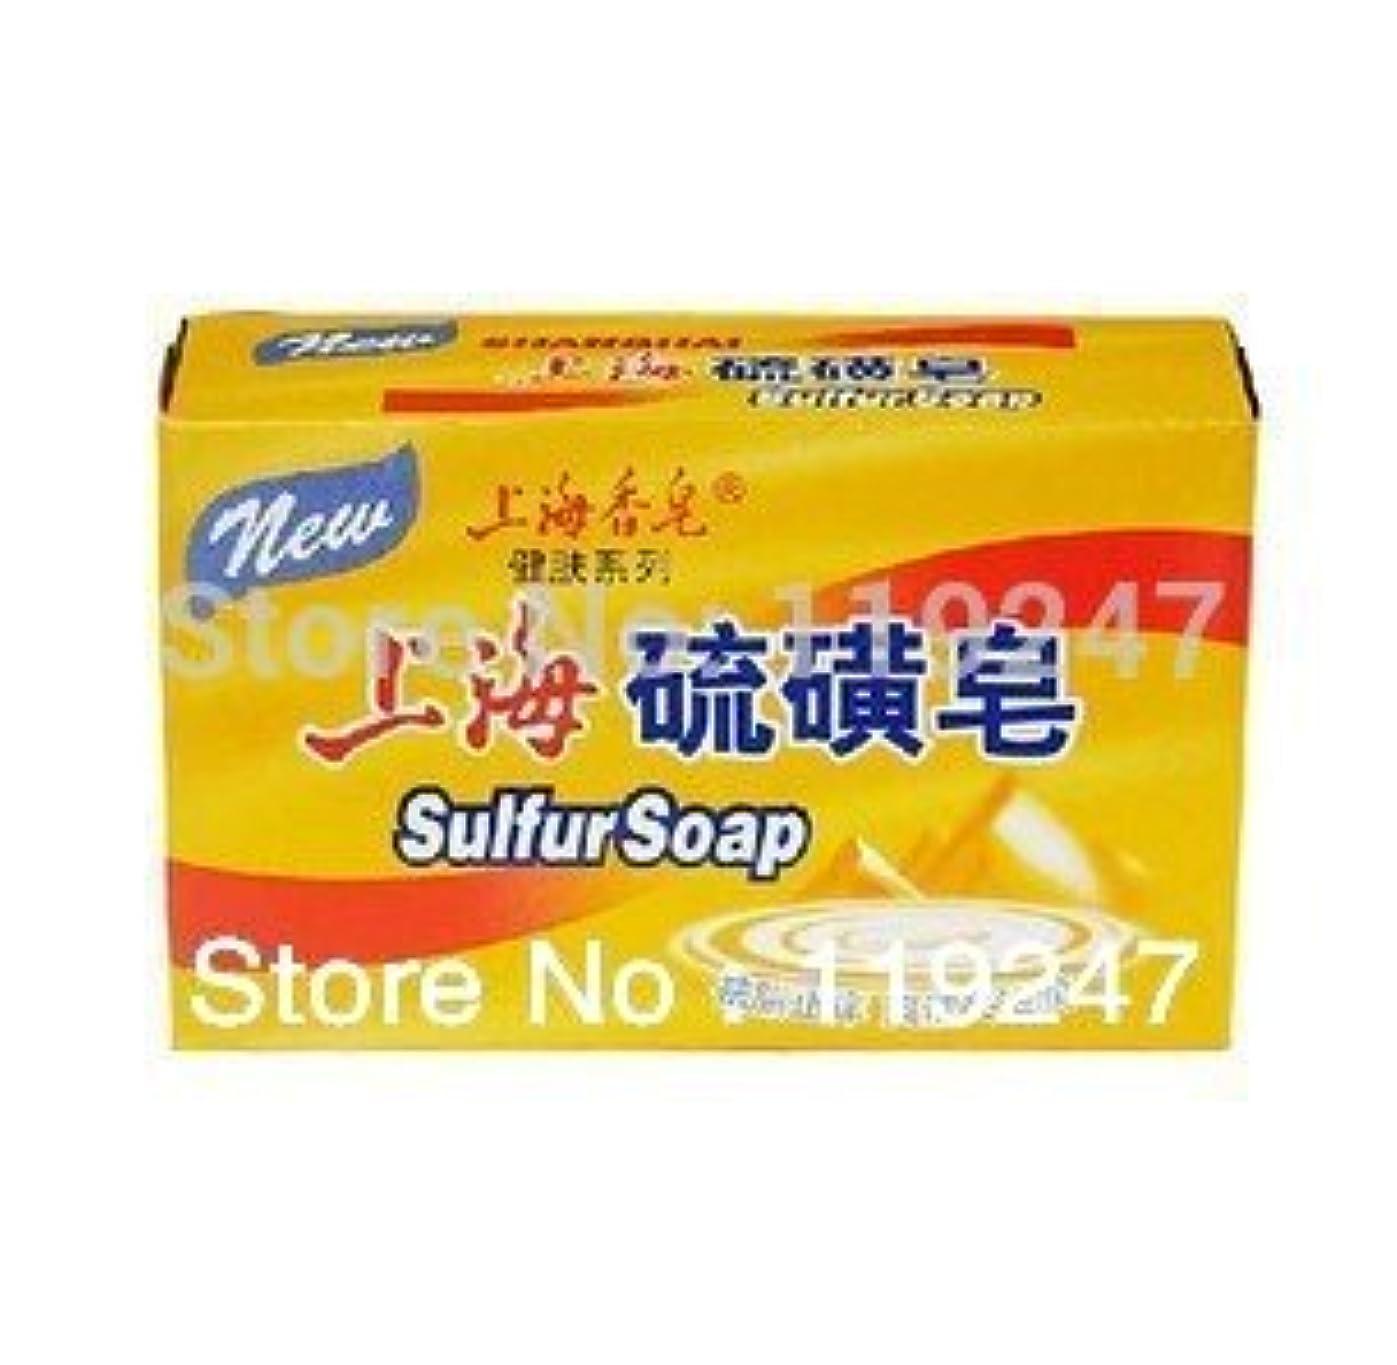 コウモリトレーニング咽頭Lorny (TM) 上海硫黄石鹸アンチ菌ダニ、ストップかゆみ125グラム格安 [並行輸入品]